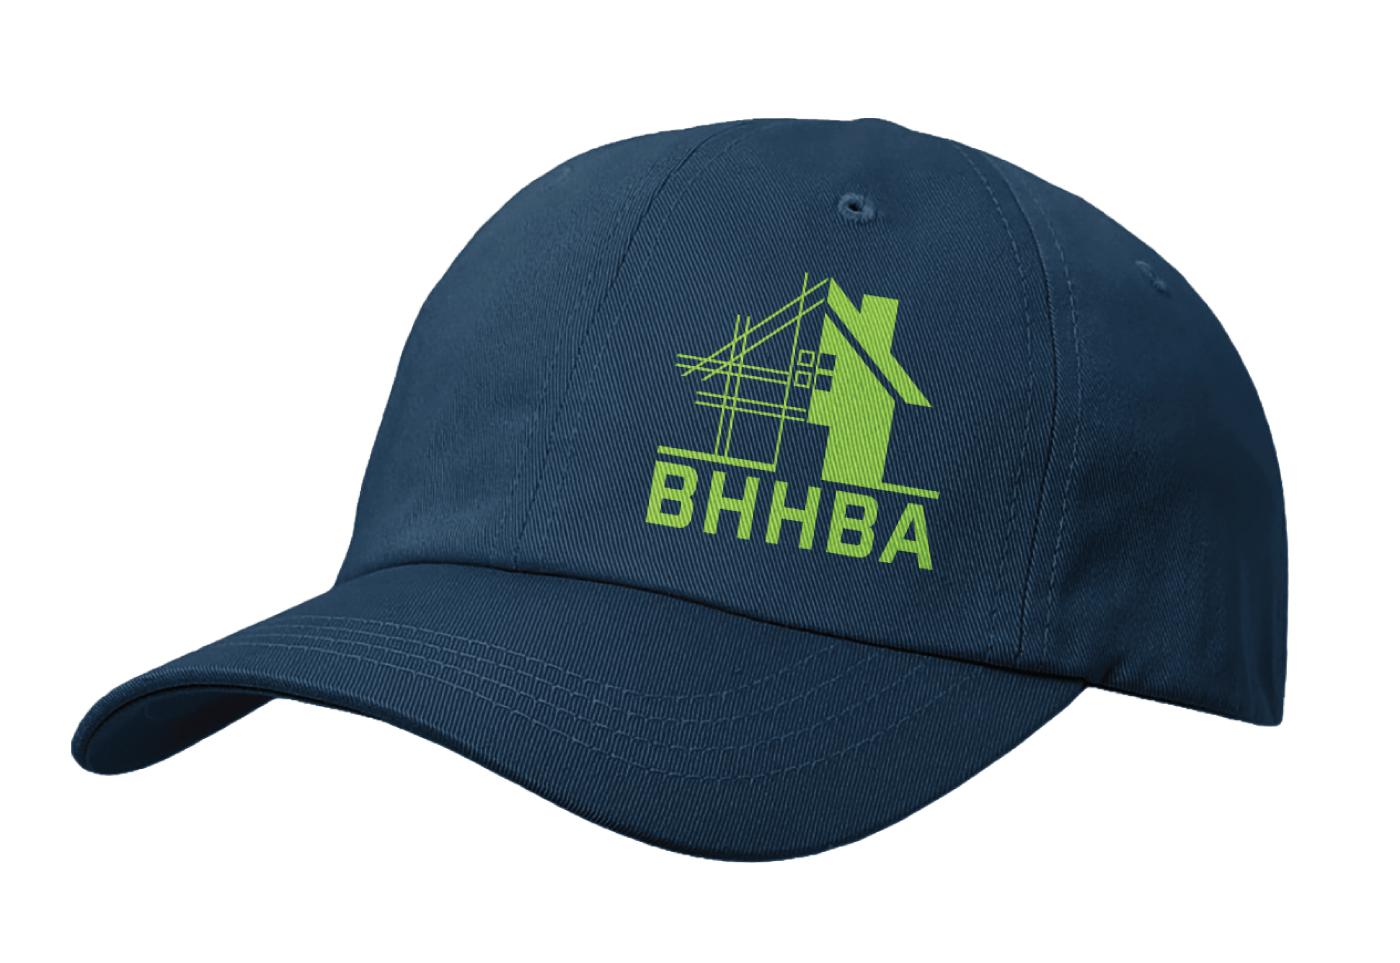 big horn homebuilders association logo and web design